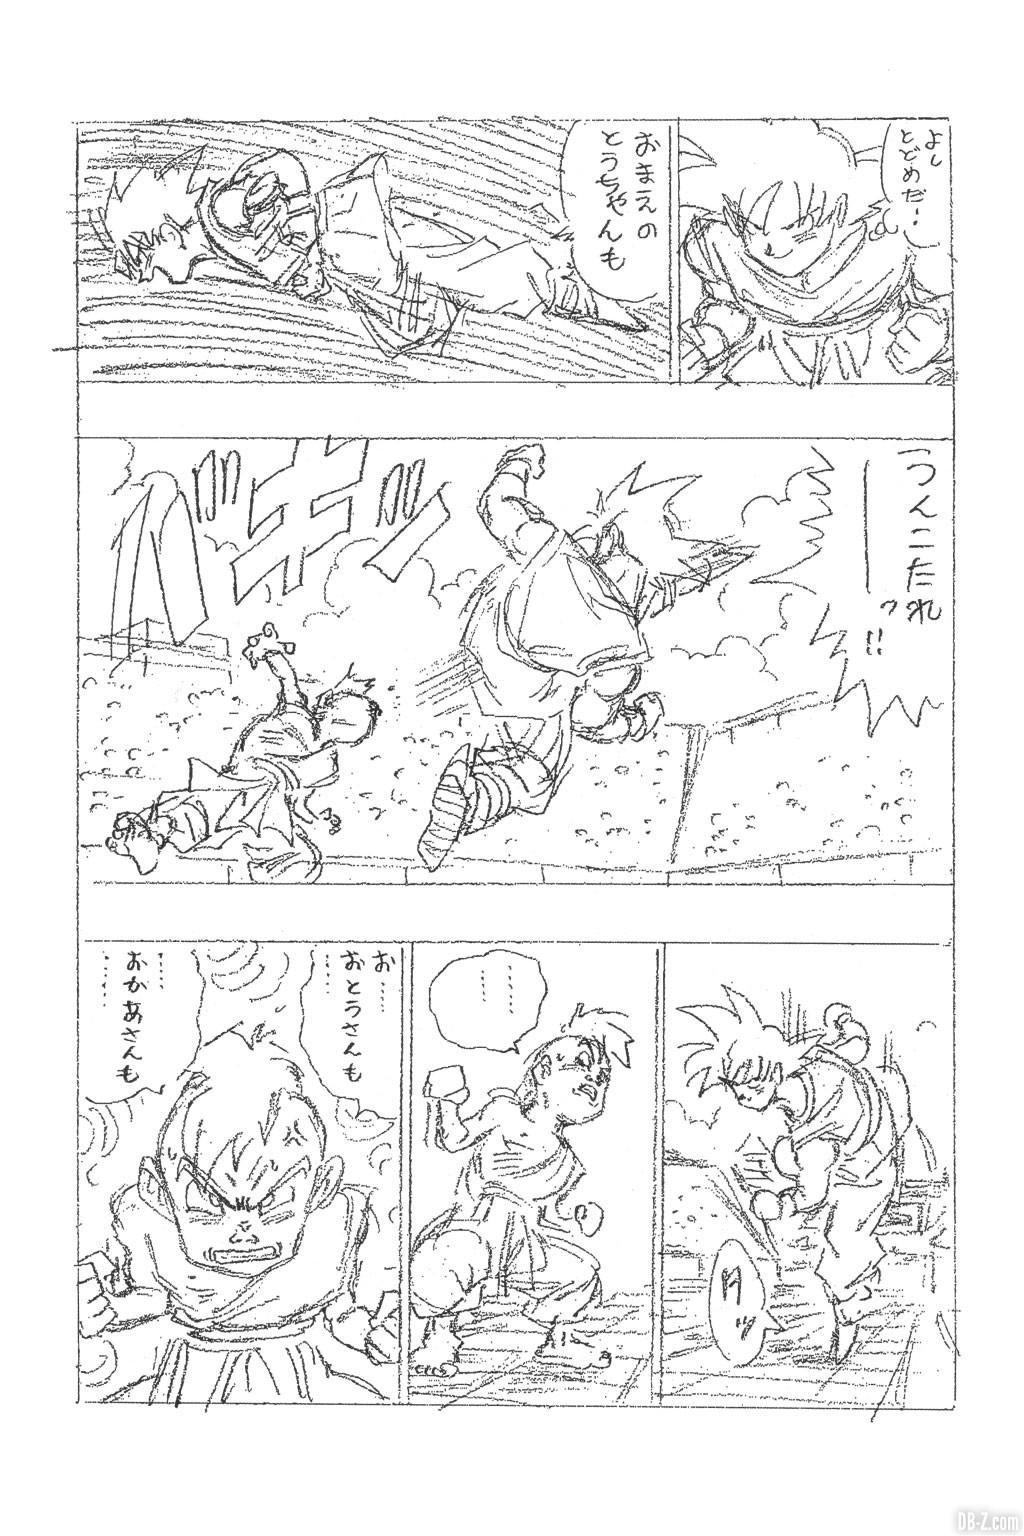 Brouillon Akira Toriyama Dernier Chapitre de Dragon Ball Page 11